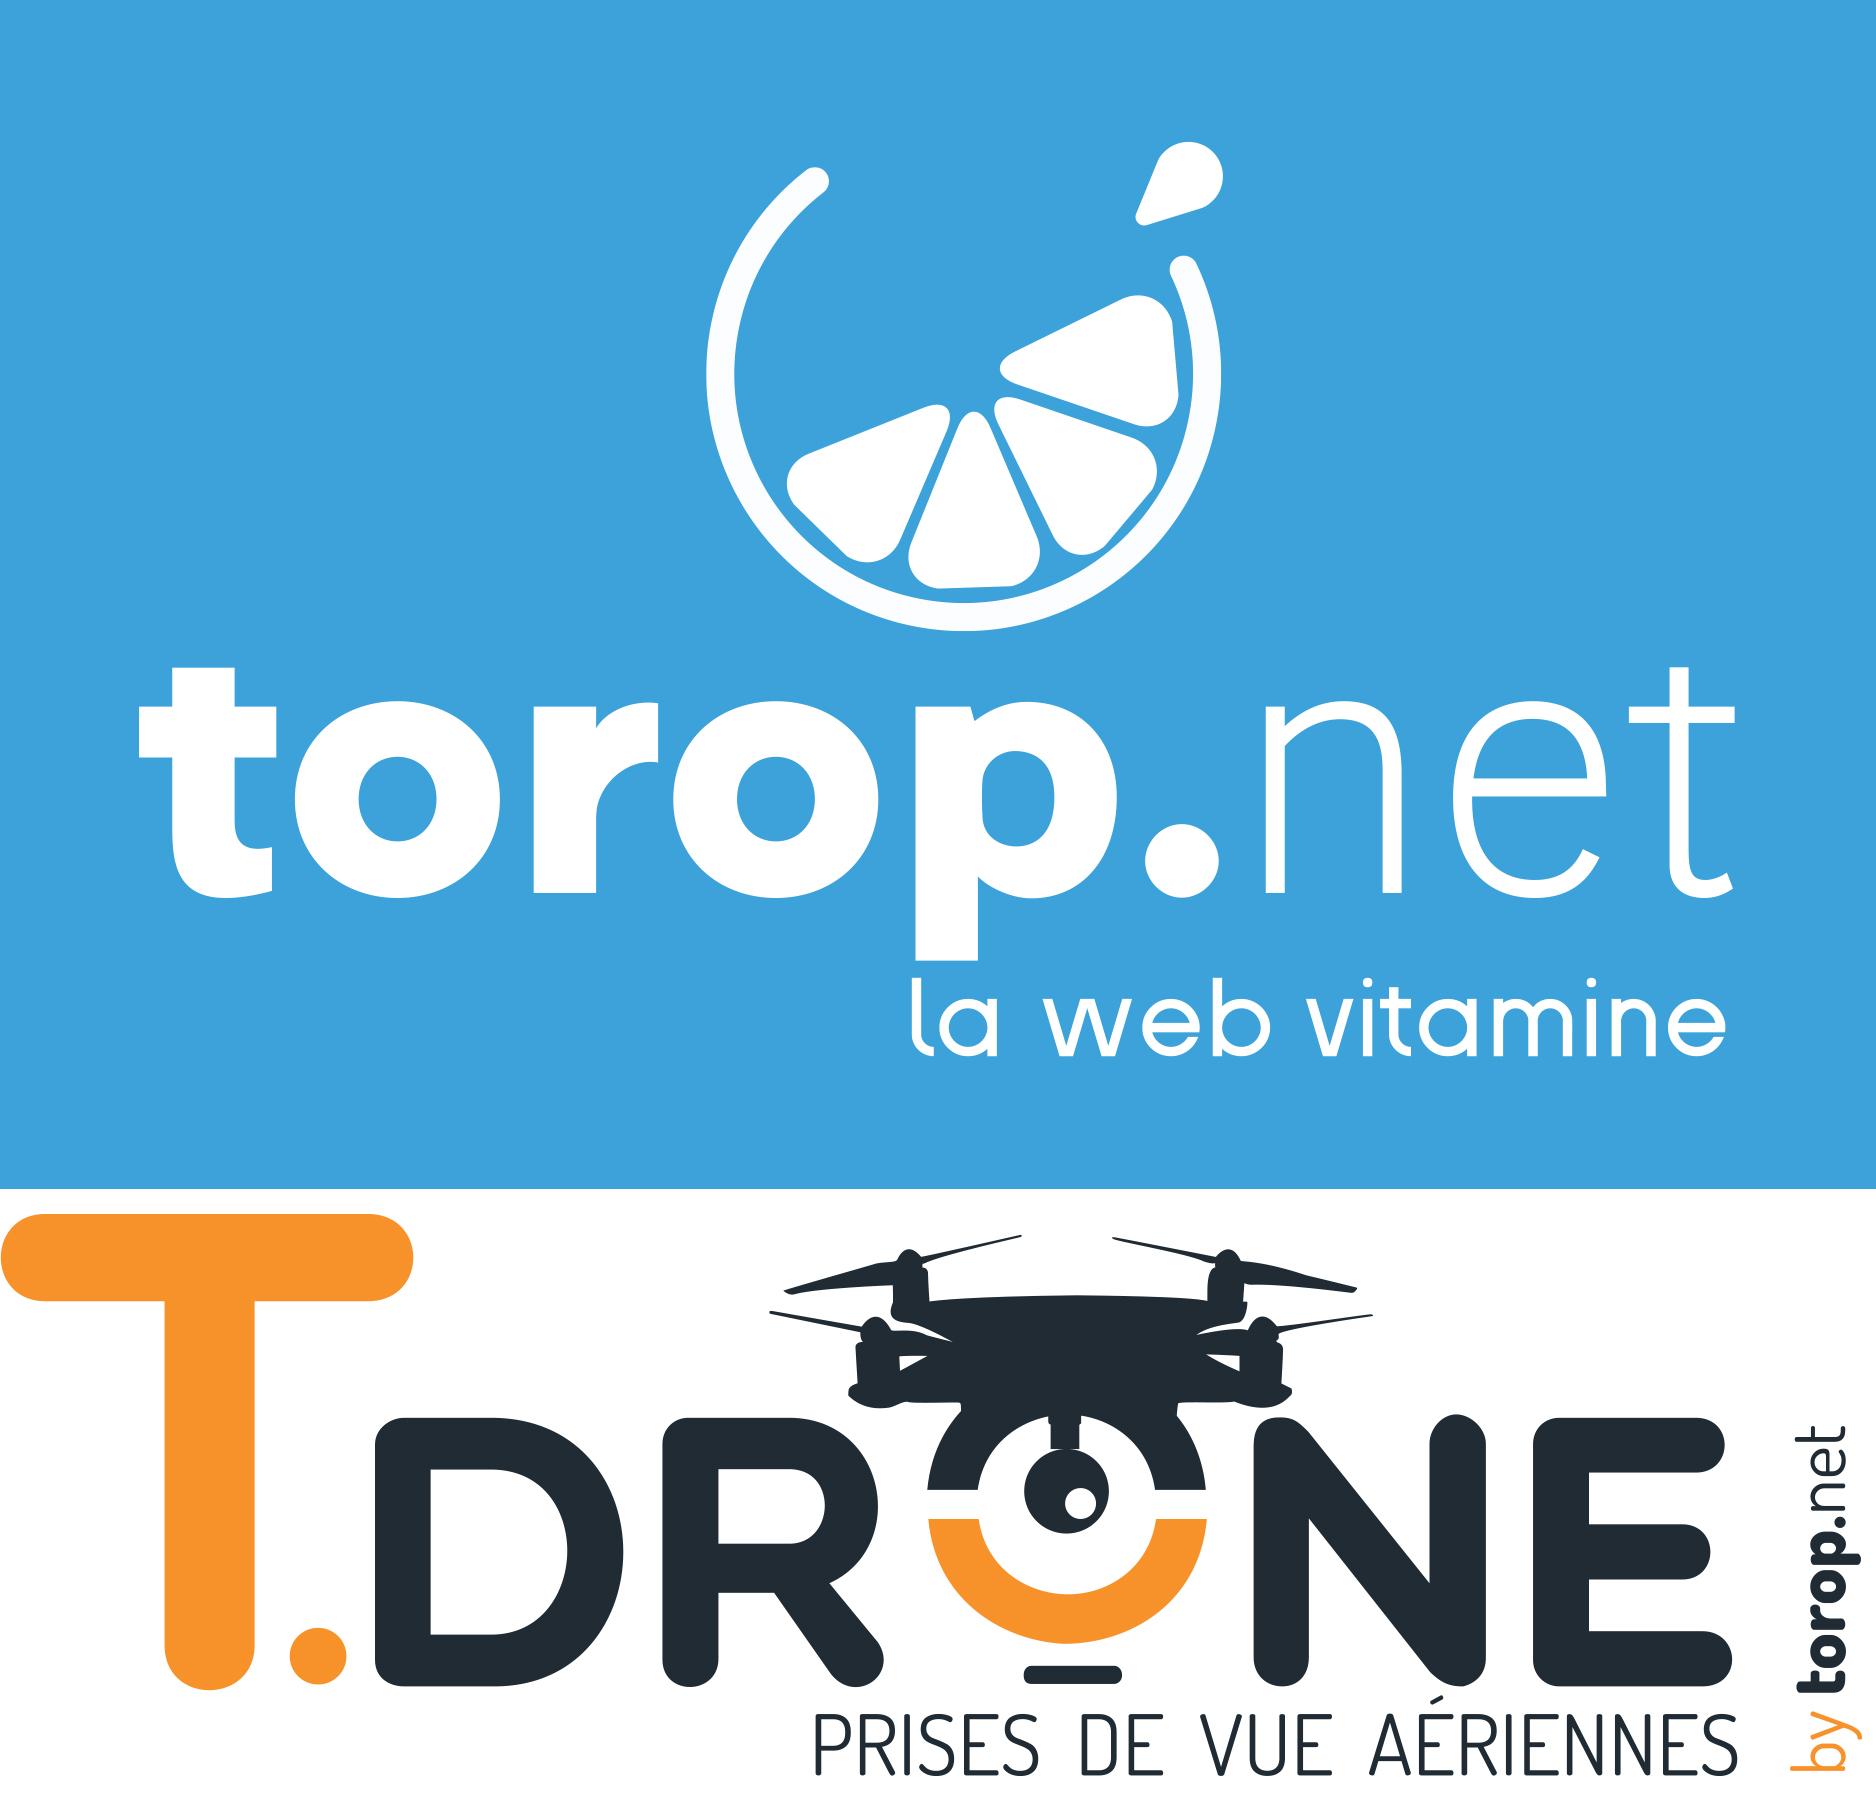 torop.net-T.Drone